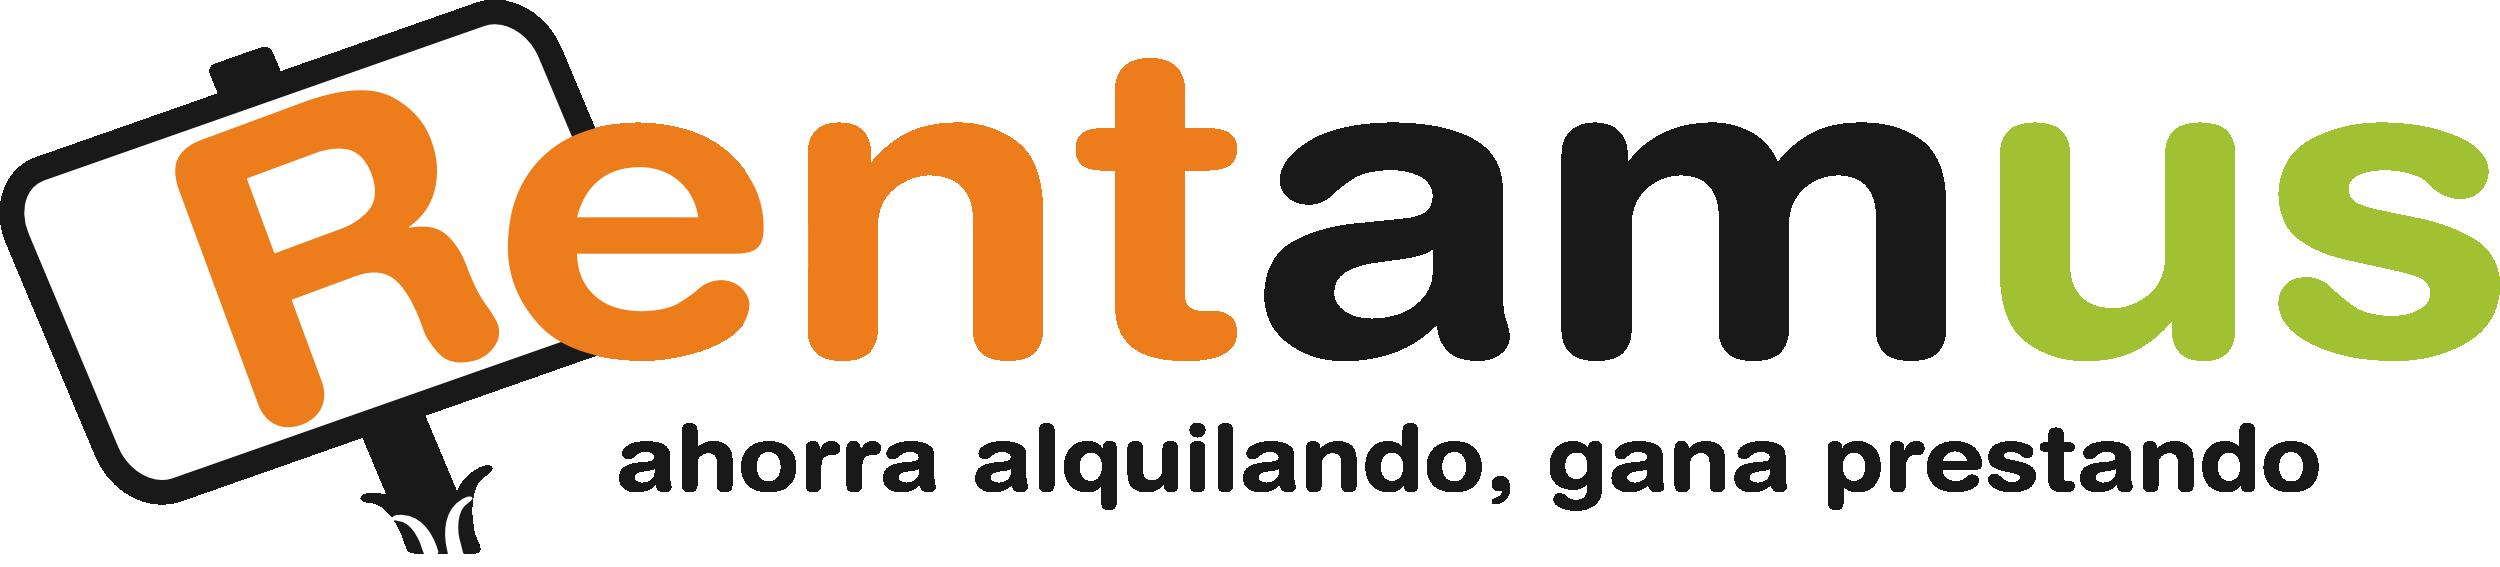 La startup española Rentamus aumenta sus fondos propios en 105.000 euros